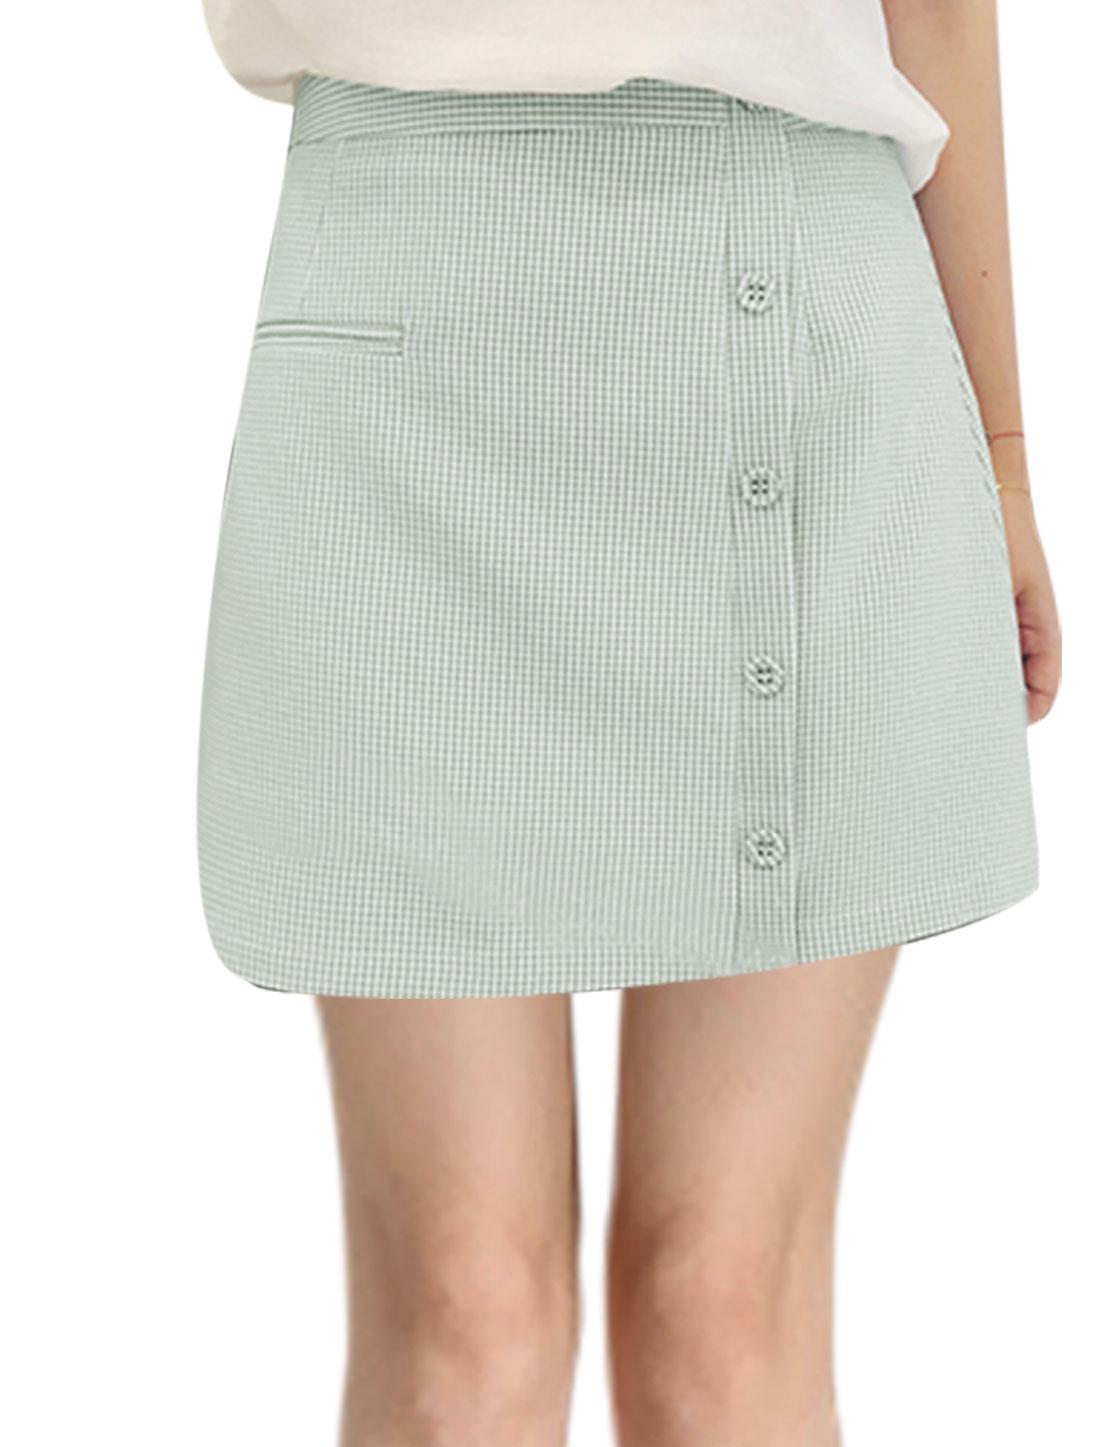 Women High Waist Plaids Pattern A-Line Skirt Light Gray M